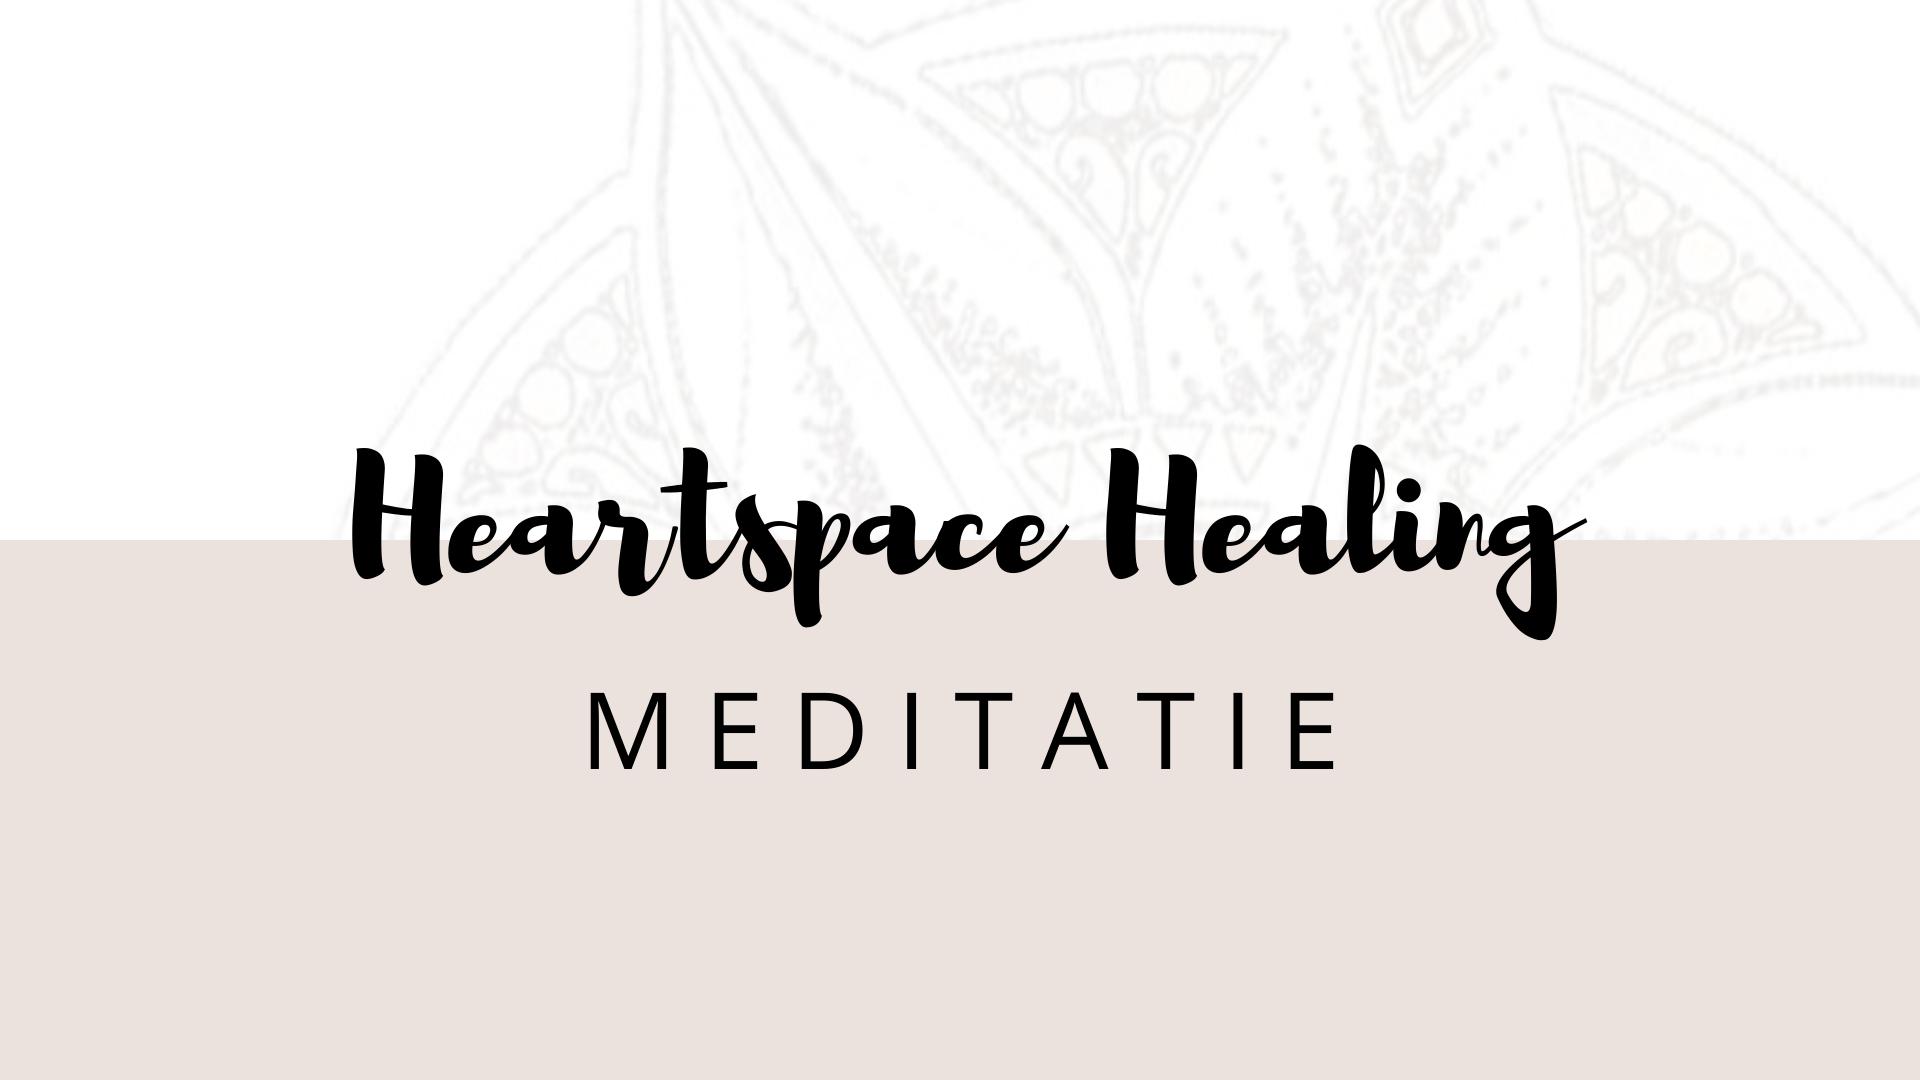 Heartspace healing, meditatie